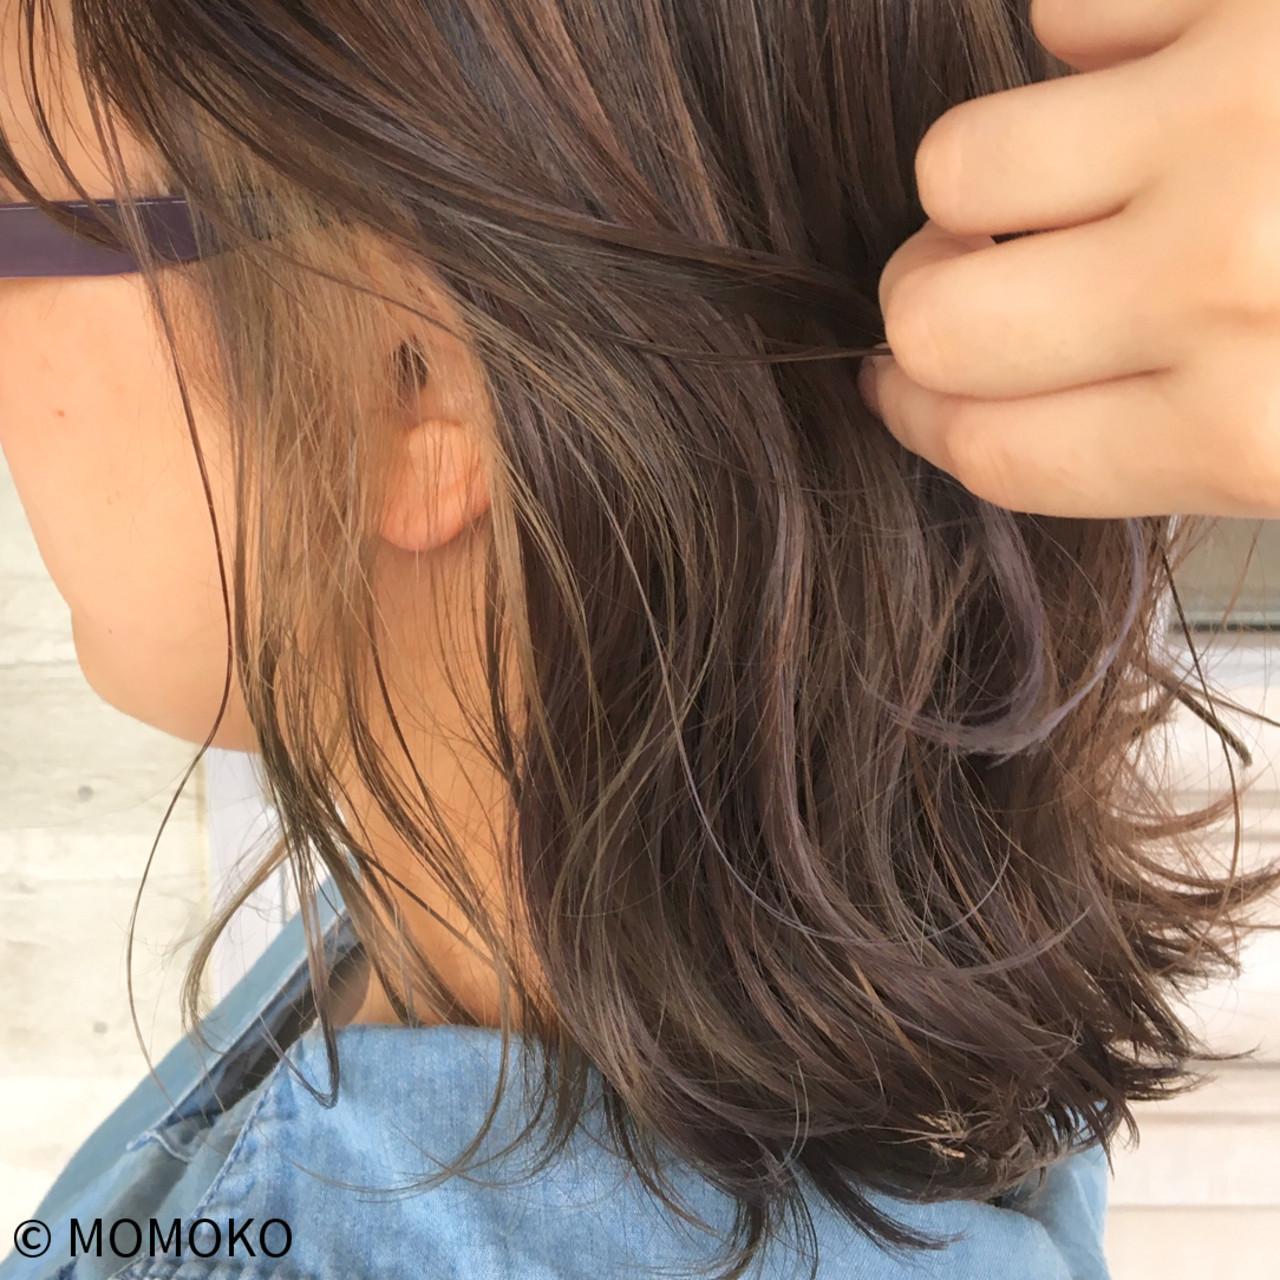 ナチュラル グレージュ ヘアアレンジ インナーカラー ヘアスタイルや髪型の写真・画像